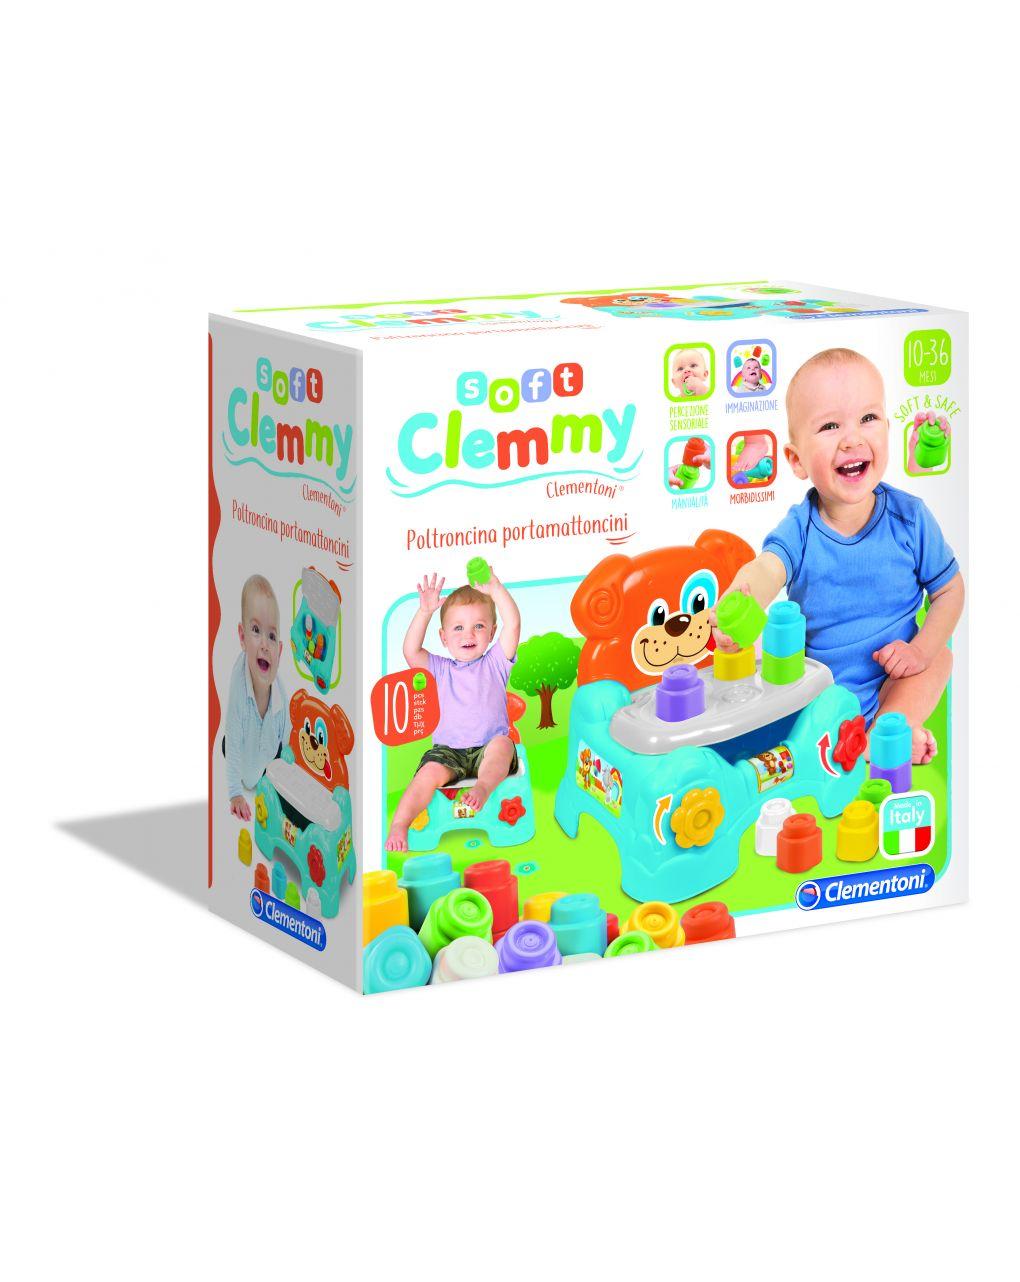 Clemmy - poltroncina porta mattoncini - Clementoni